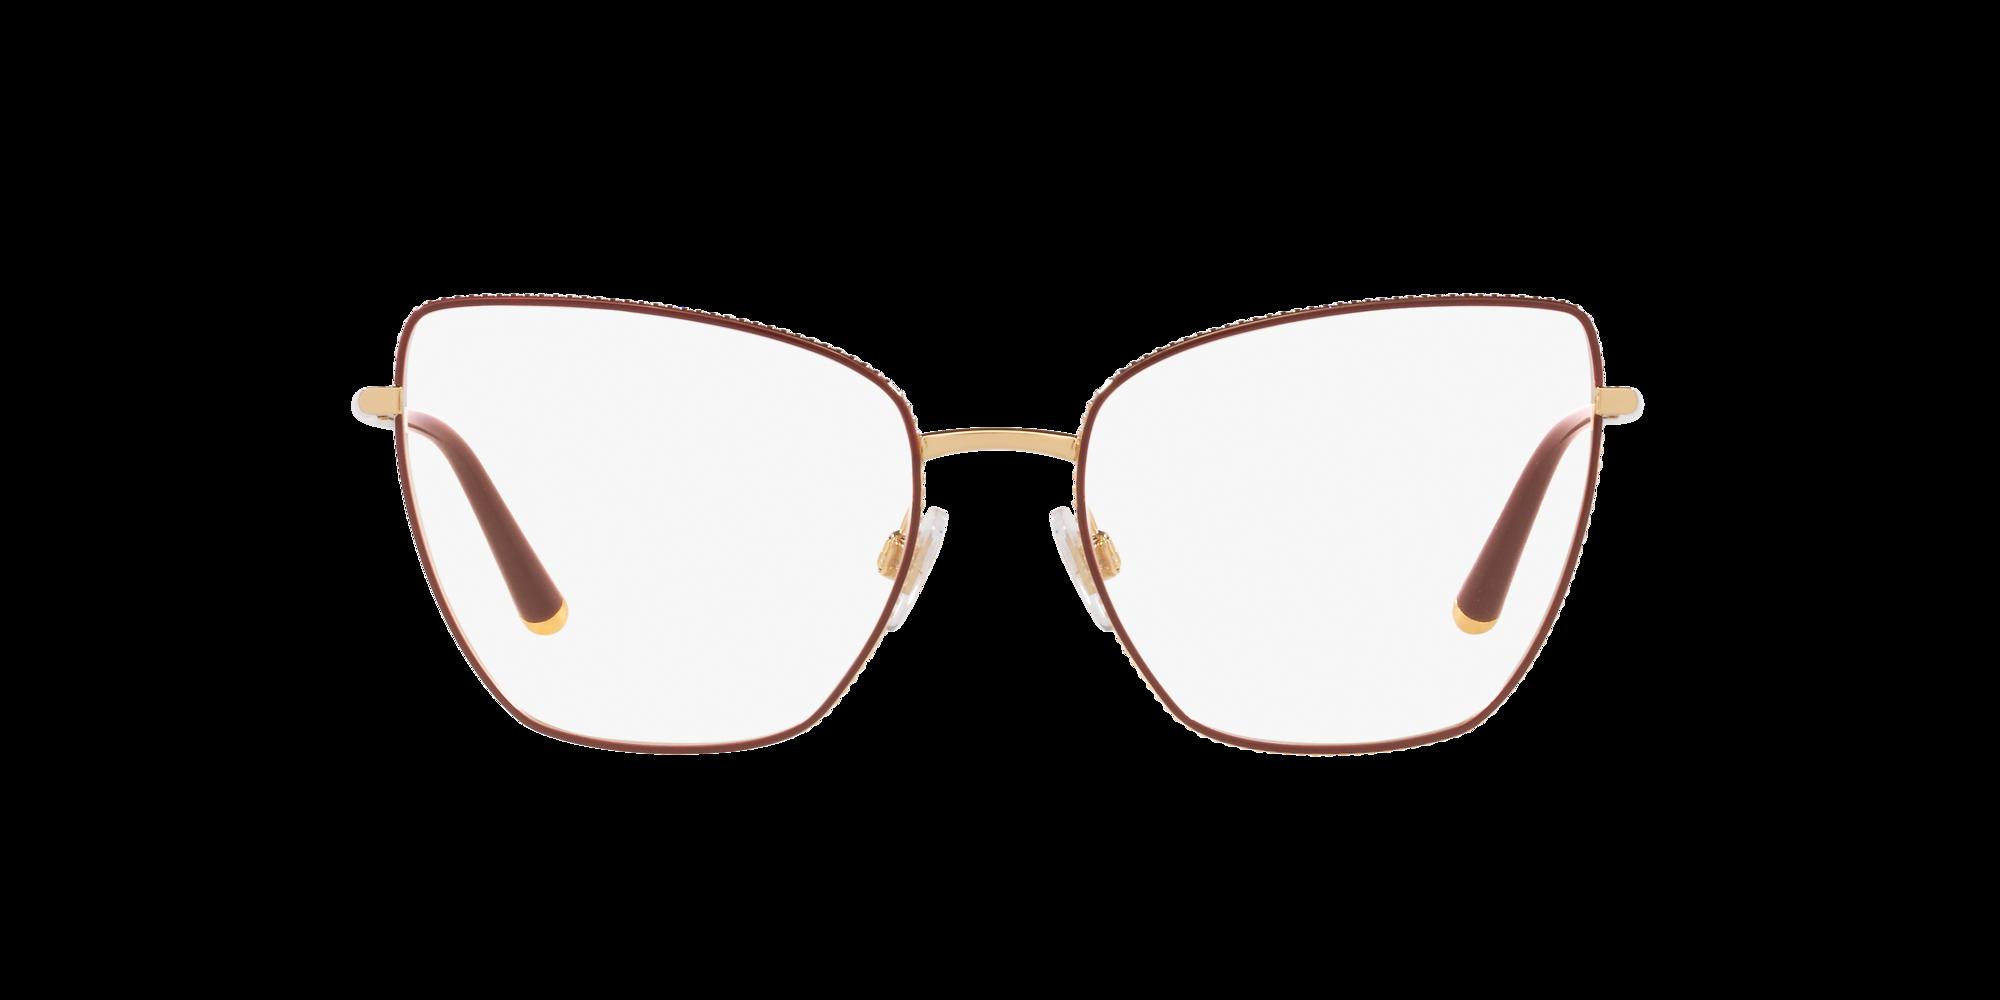 Imagen para DG1314 de LensCrafters |  Espejuelos, espejuelos graduados en línea, gafas